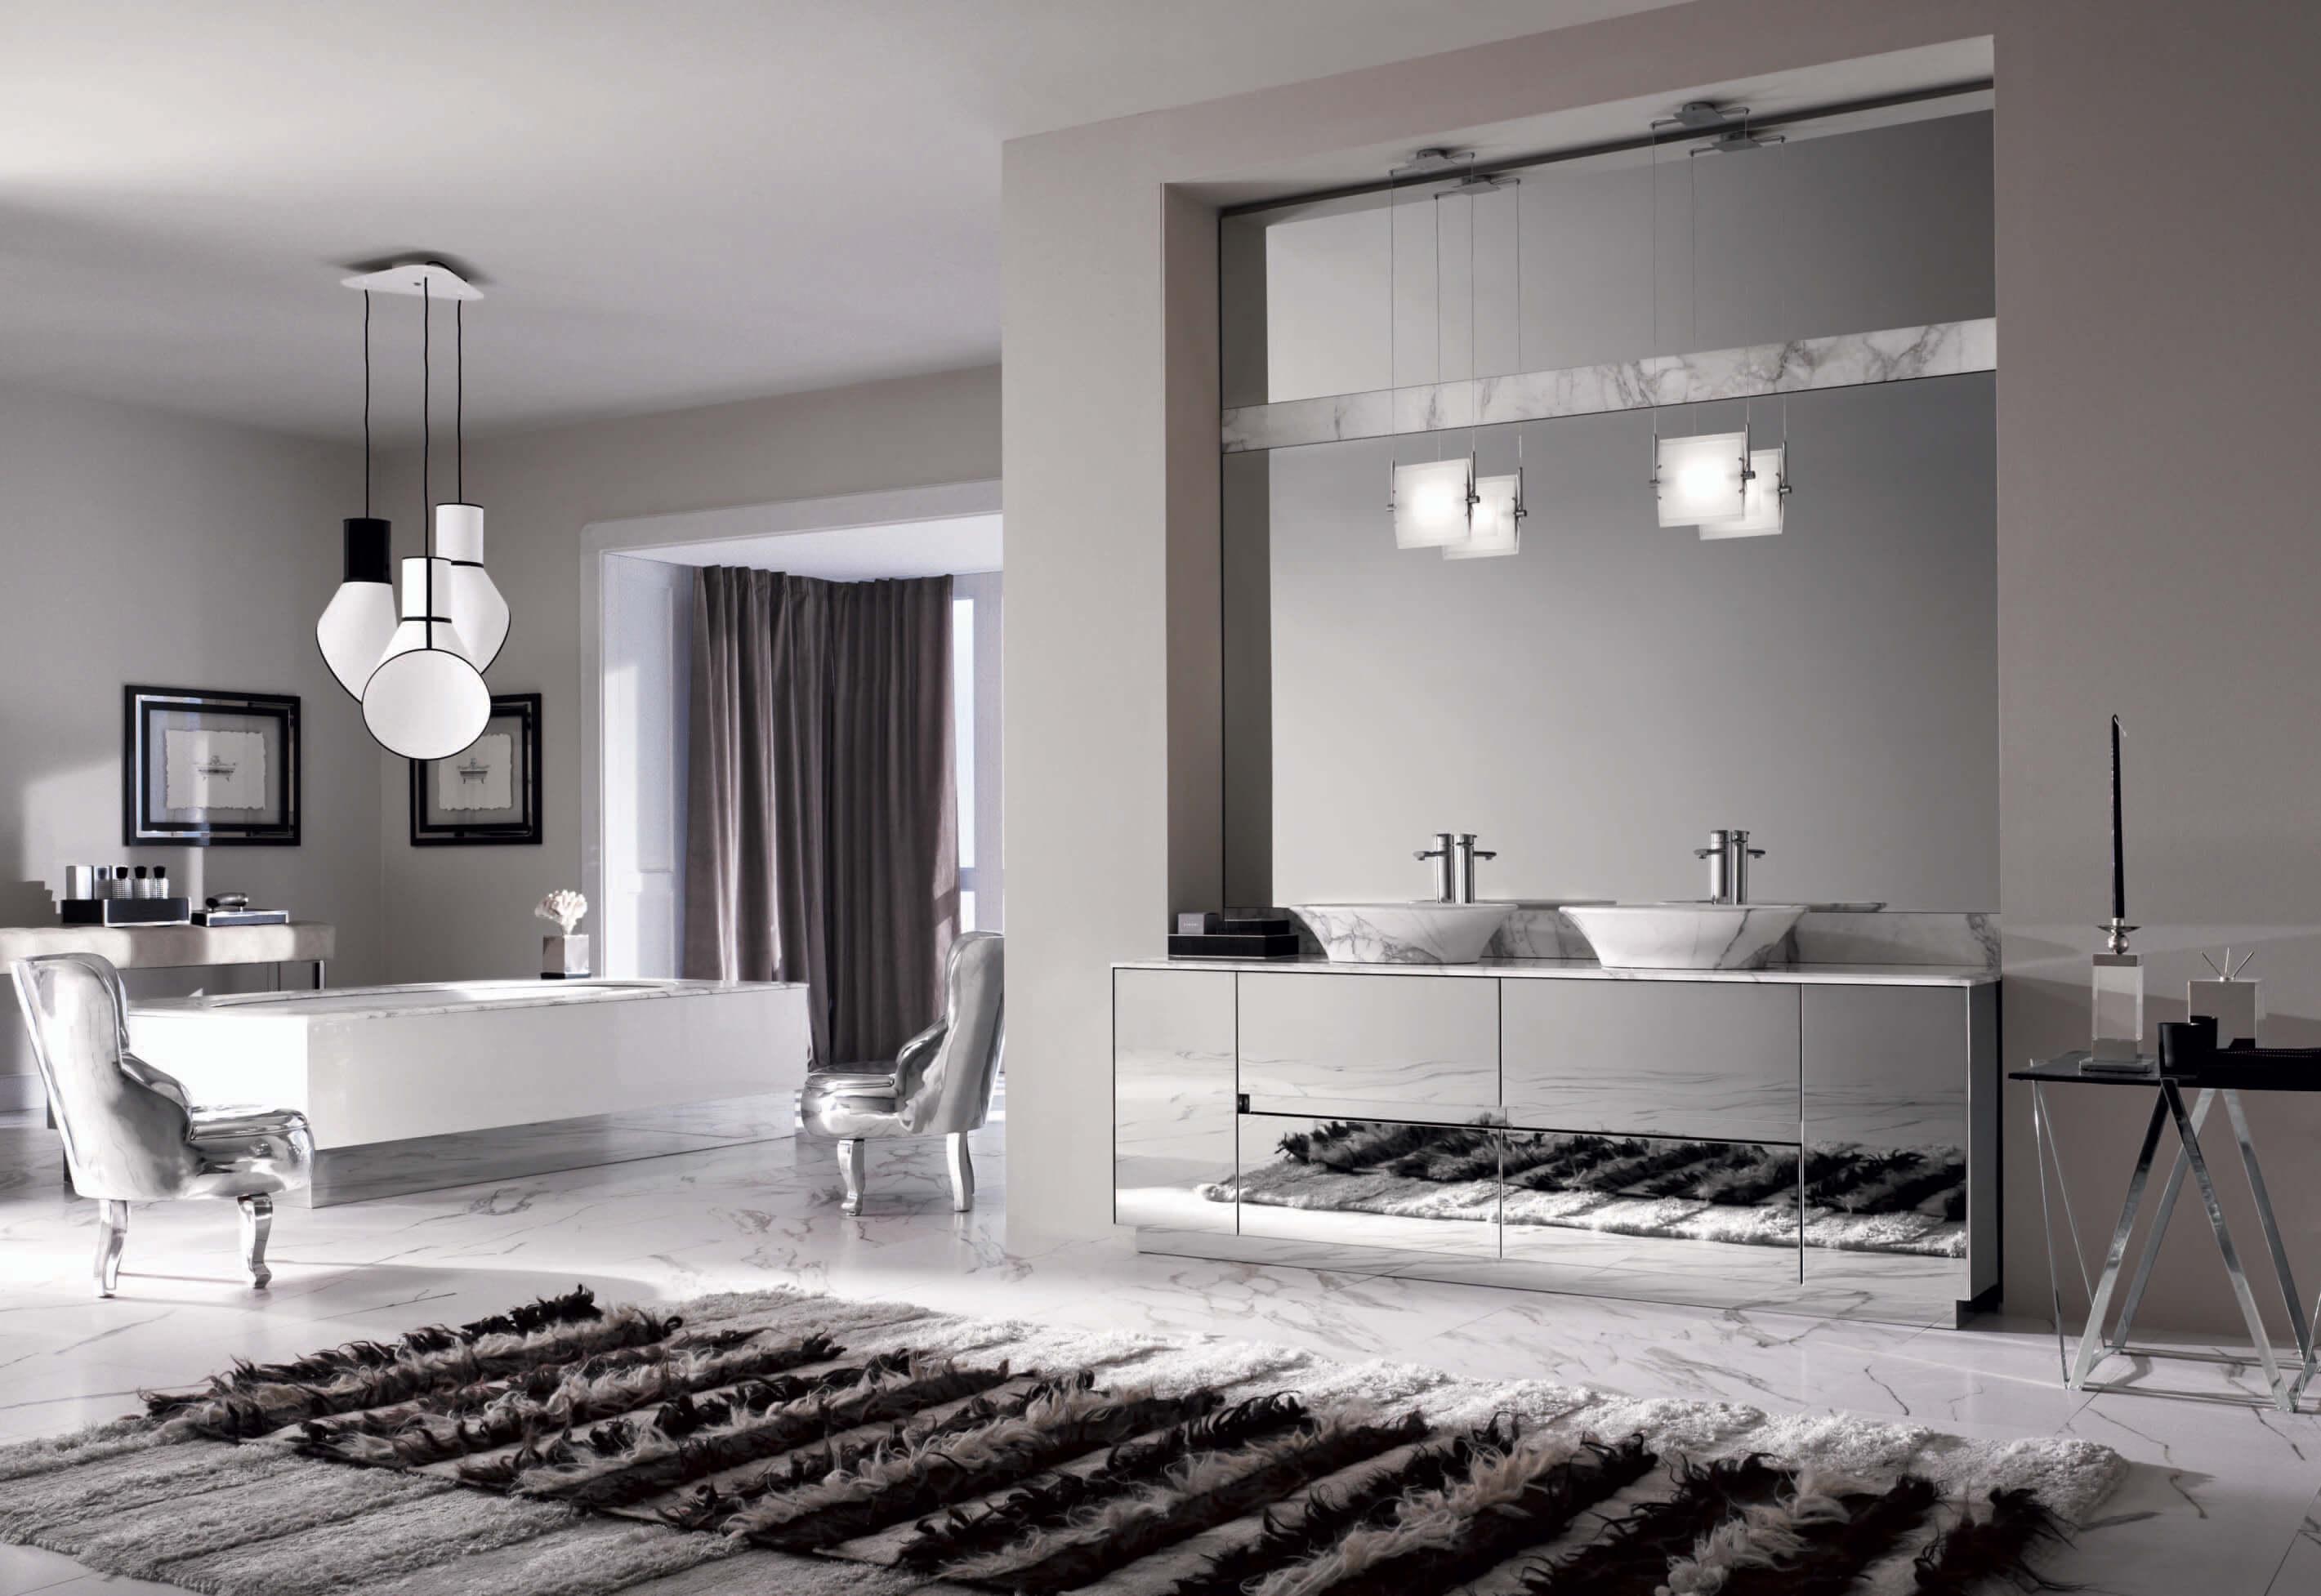 Puro by Noorth Mit einem minimalistischen und edlem Design, rasiermesserscharfen Kanten und kostbaren Oberflächen der Waschtischunterschränke begeistert das Modulsystem für das Badezimmer auf den ersten Blick. Sofort ins Auge sticht die Reduktion auf das Wesentliche: Anstatt von Türgriffen findet man versteckte Handgriffe vor, die je nach gewünschter Höhe seitlich angebracht werden. Gemeinsam mit indirekten LED-Leuchten wird dadurch der Fokus auf die pure Formenschönheit gelenkt. Herausragende Materialien, wie handverlesene Hölzer, Marmor, Granit und Keramik reduzieren das Mobiliar auf das Wesentliche und helfen dabei, über das Sein nachzudenken und sich während eines entspannten Bades in der geometrisch genauen Wanne zurückzulehnen und sich auf die wichtigen Dinge des Lebens zu besinnen.